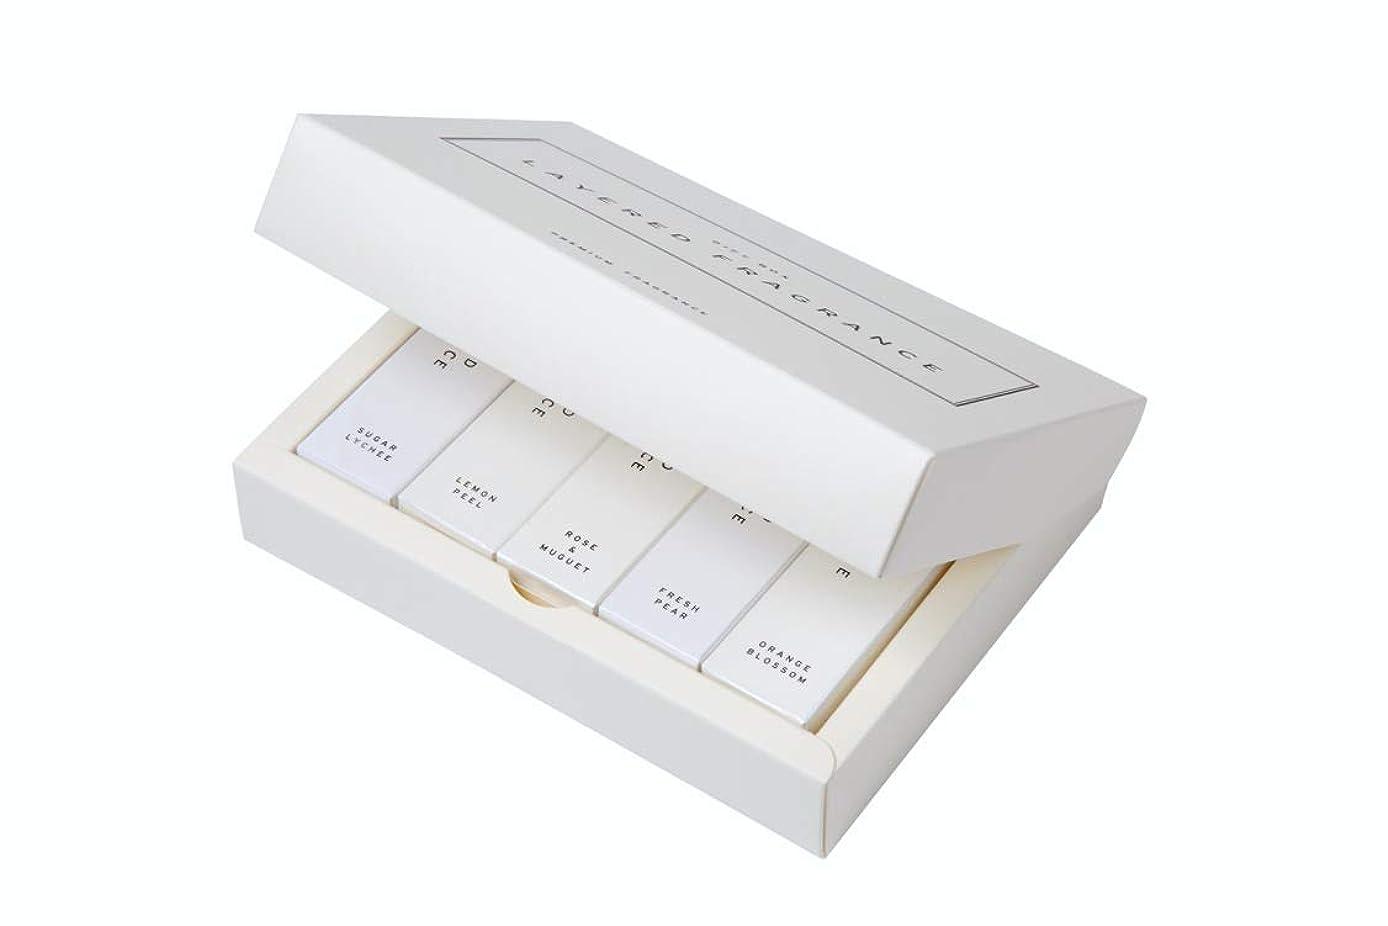 逸脱ソビエトよろしくレイヤードフレグランス ボディスプレー ミニサイズ 5本ギフトセット(BOX付) LAYERED FRAGRANCE BODY SPRAY MINI SIZE GIFT SET with GIFT BOX